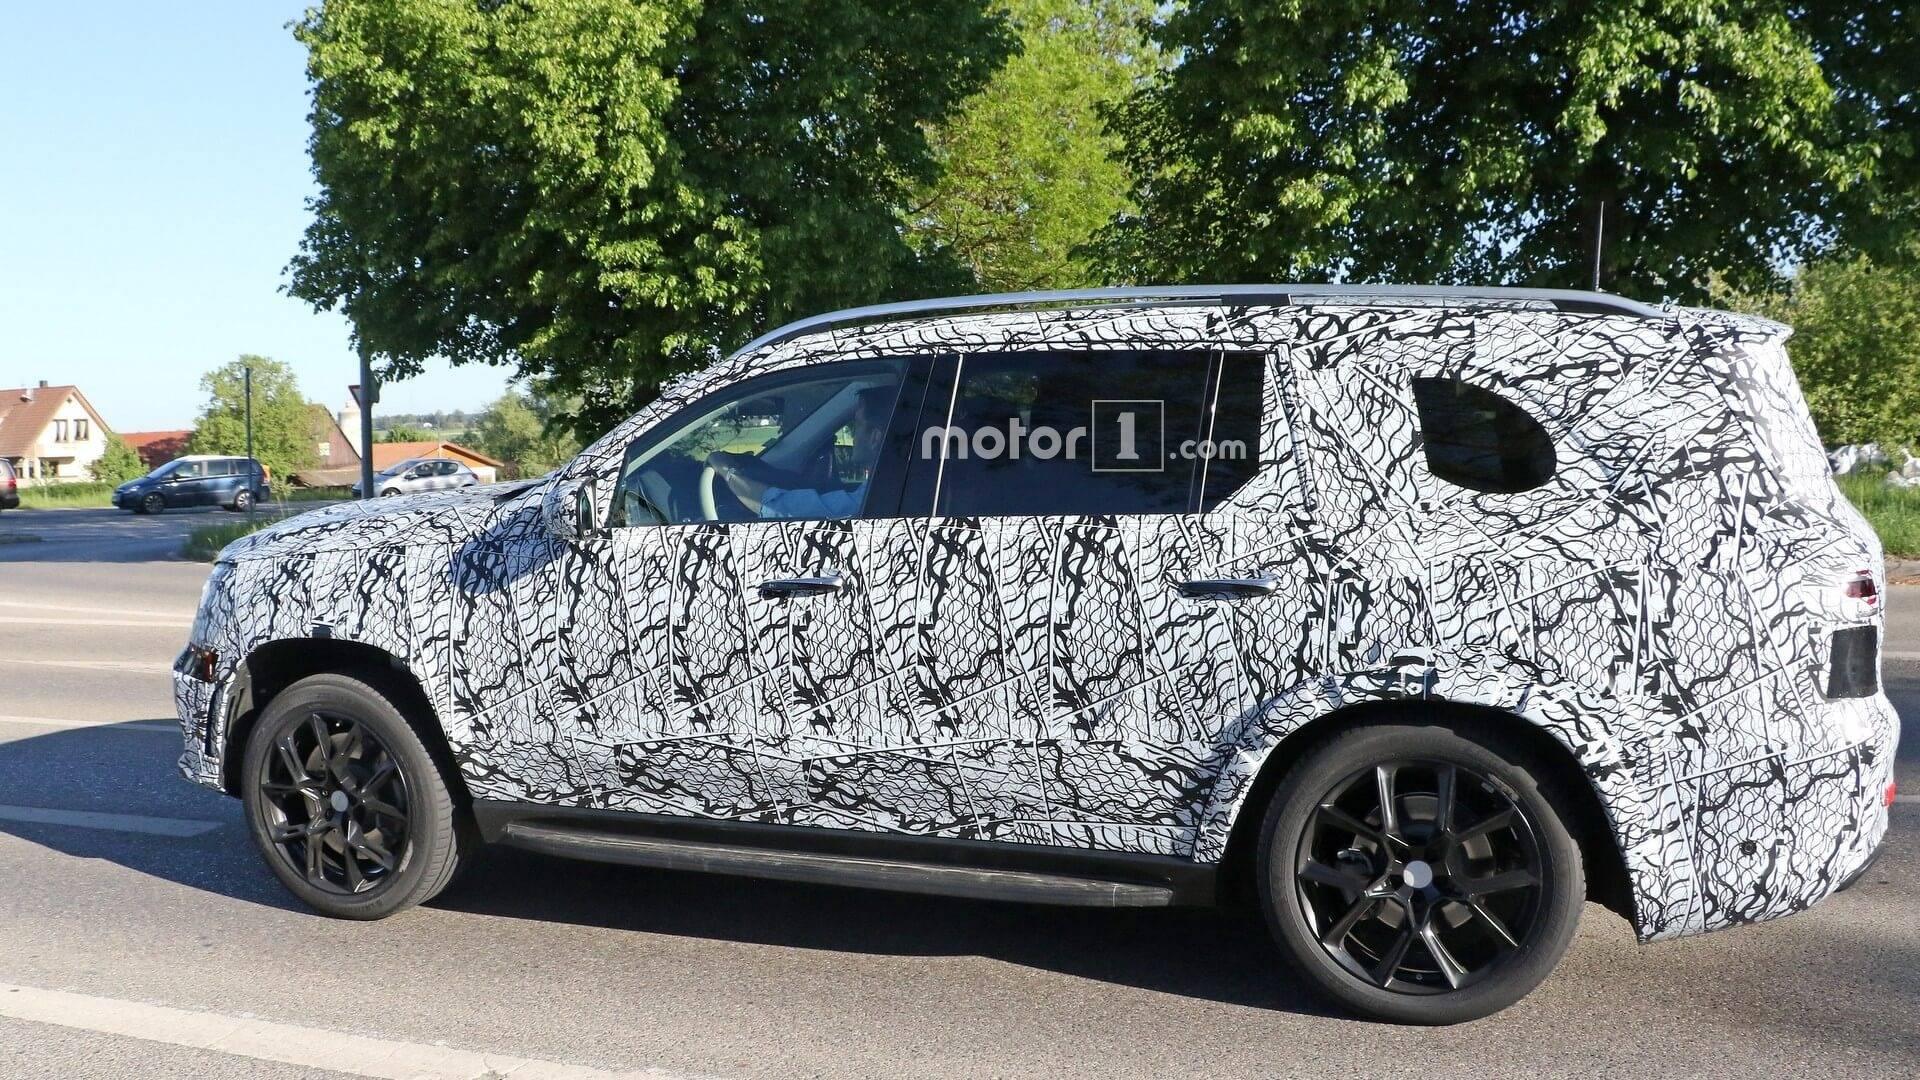 2018 - [Mercedes] GLS II - Page 3 2020-mercedes-gls-spy-photo